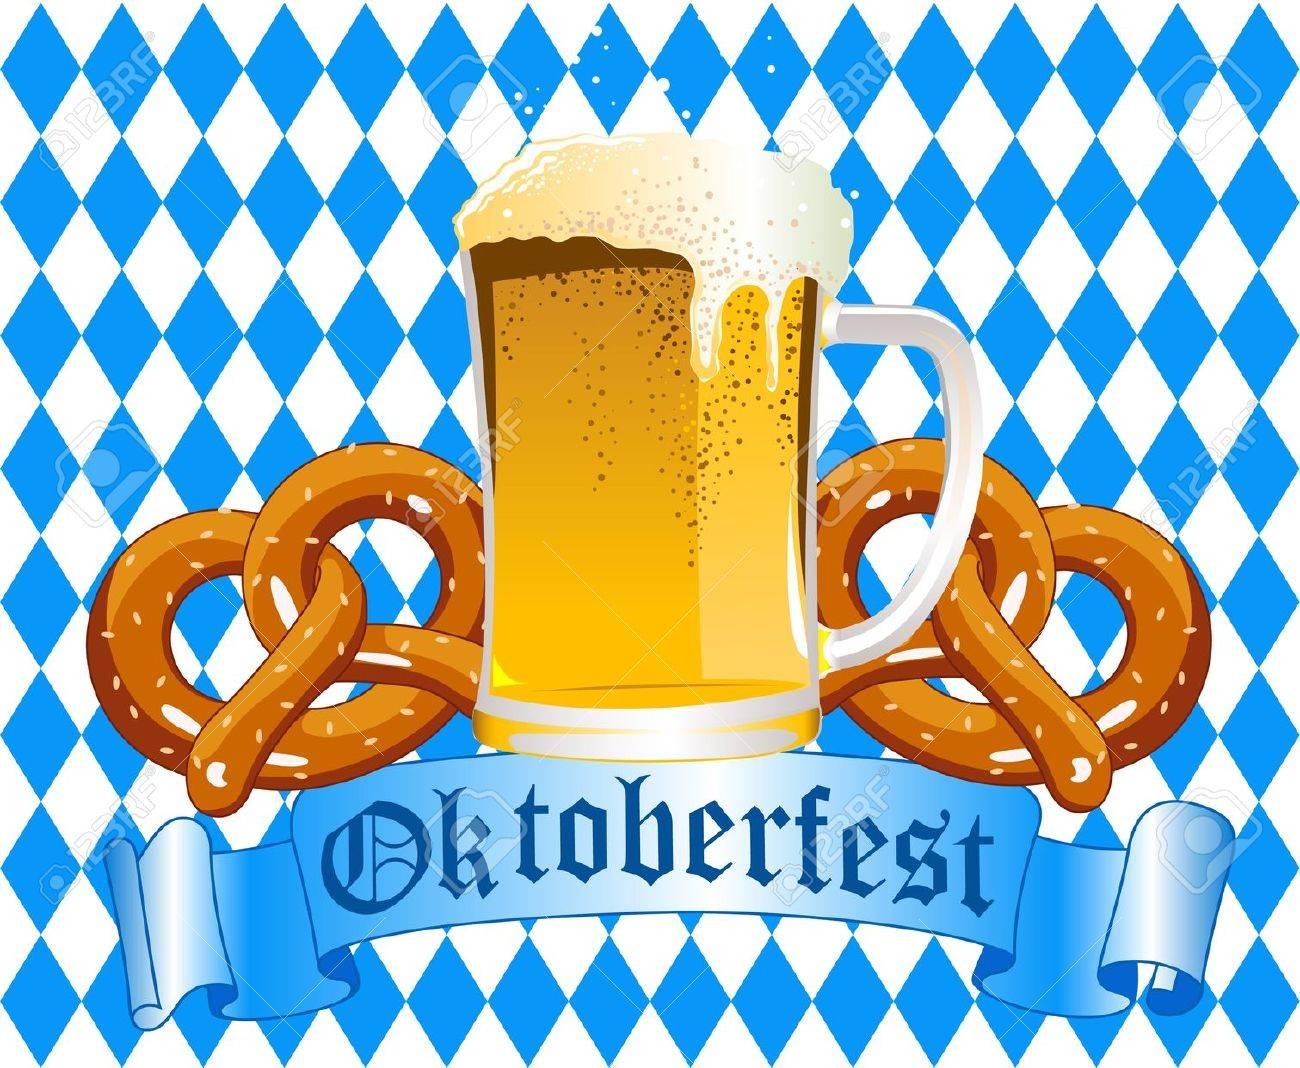 Oktober fest Celebration Background with Beer and Pretzel Stock Vector - 10370043